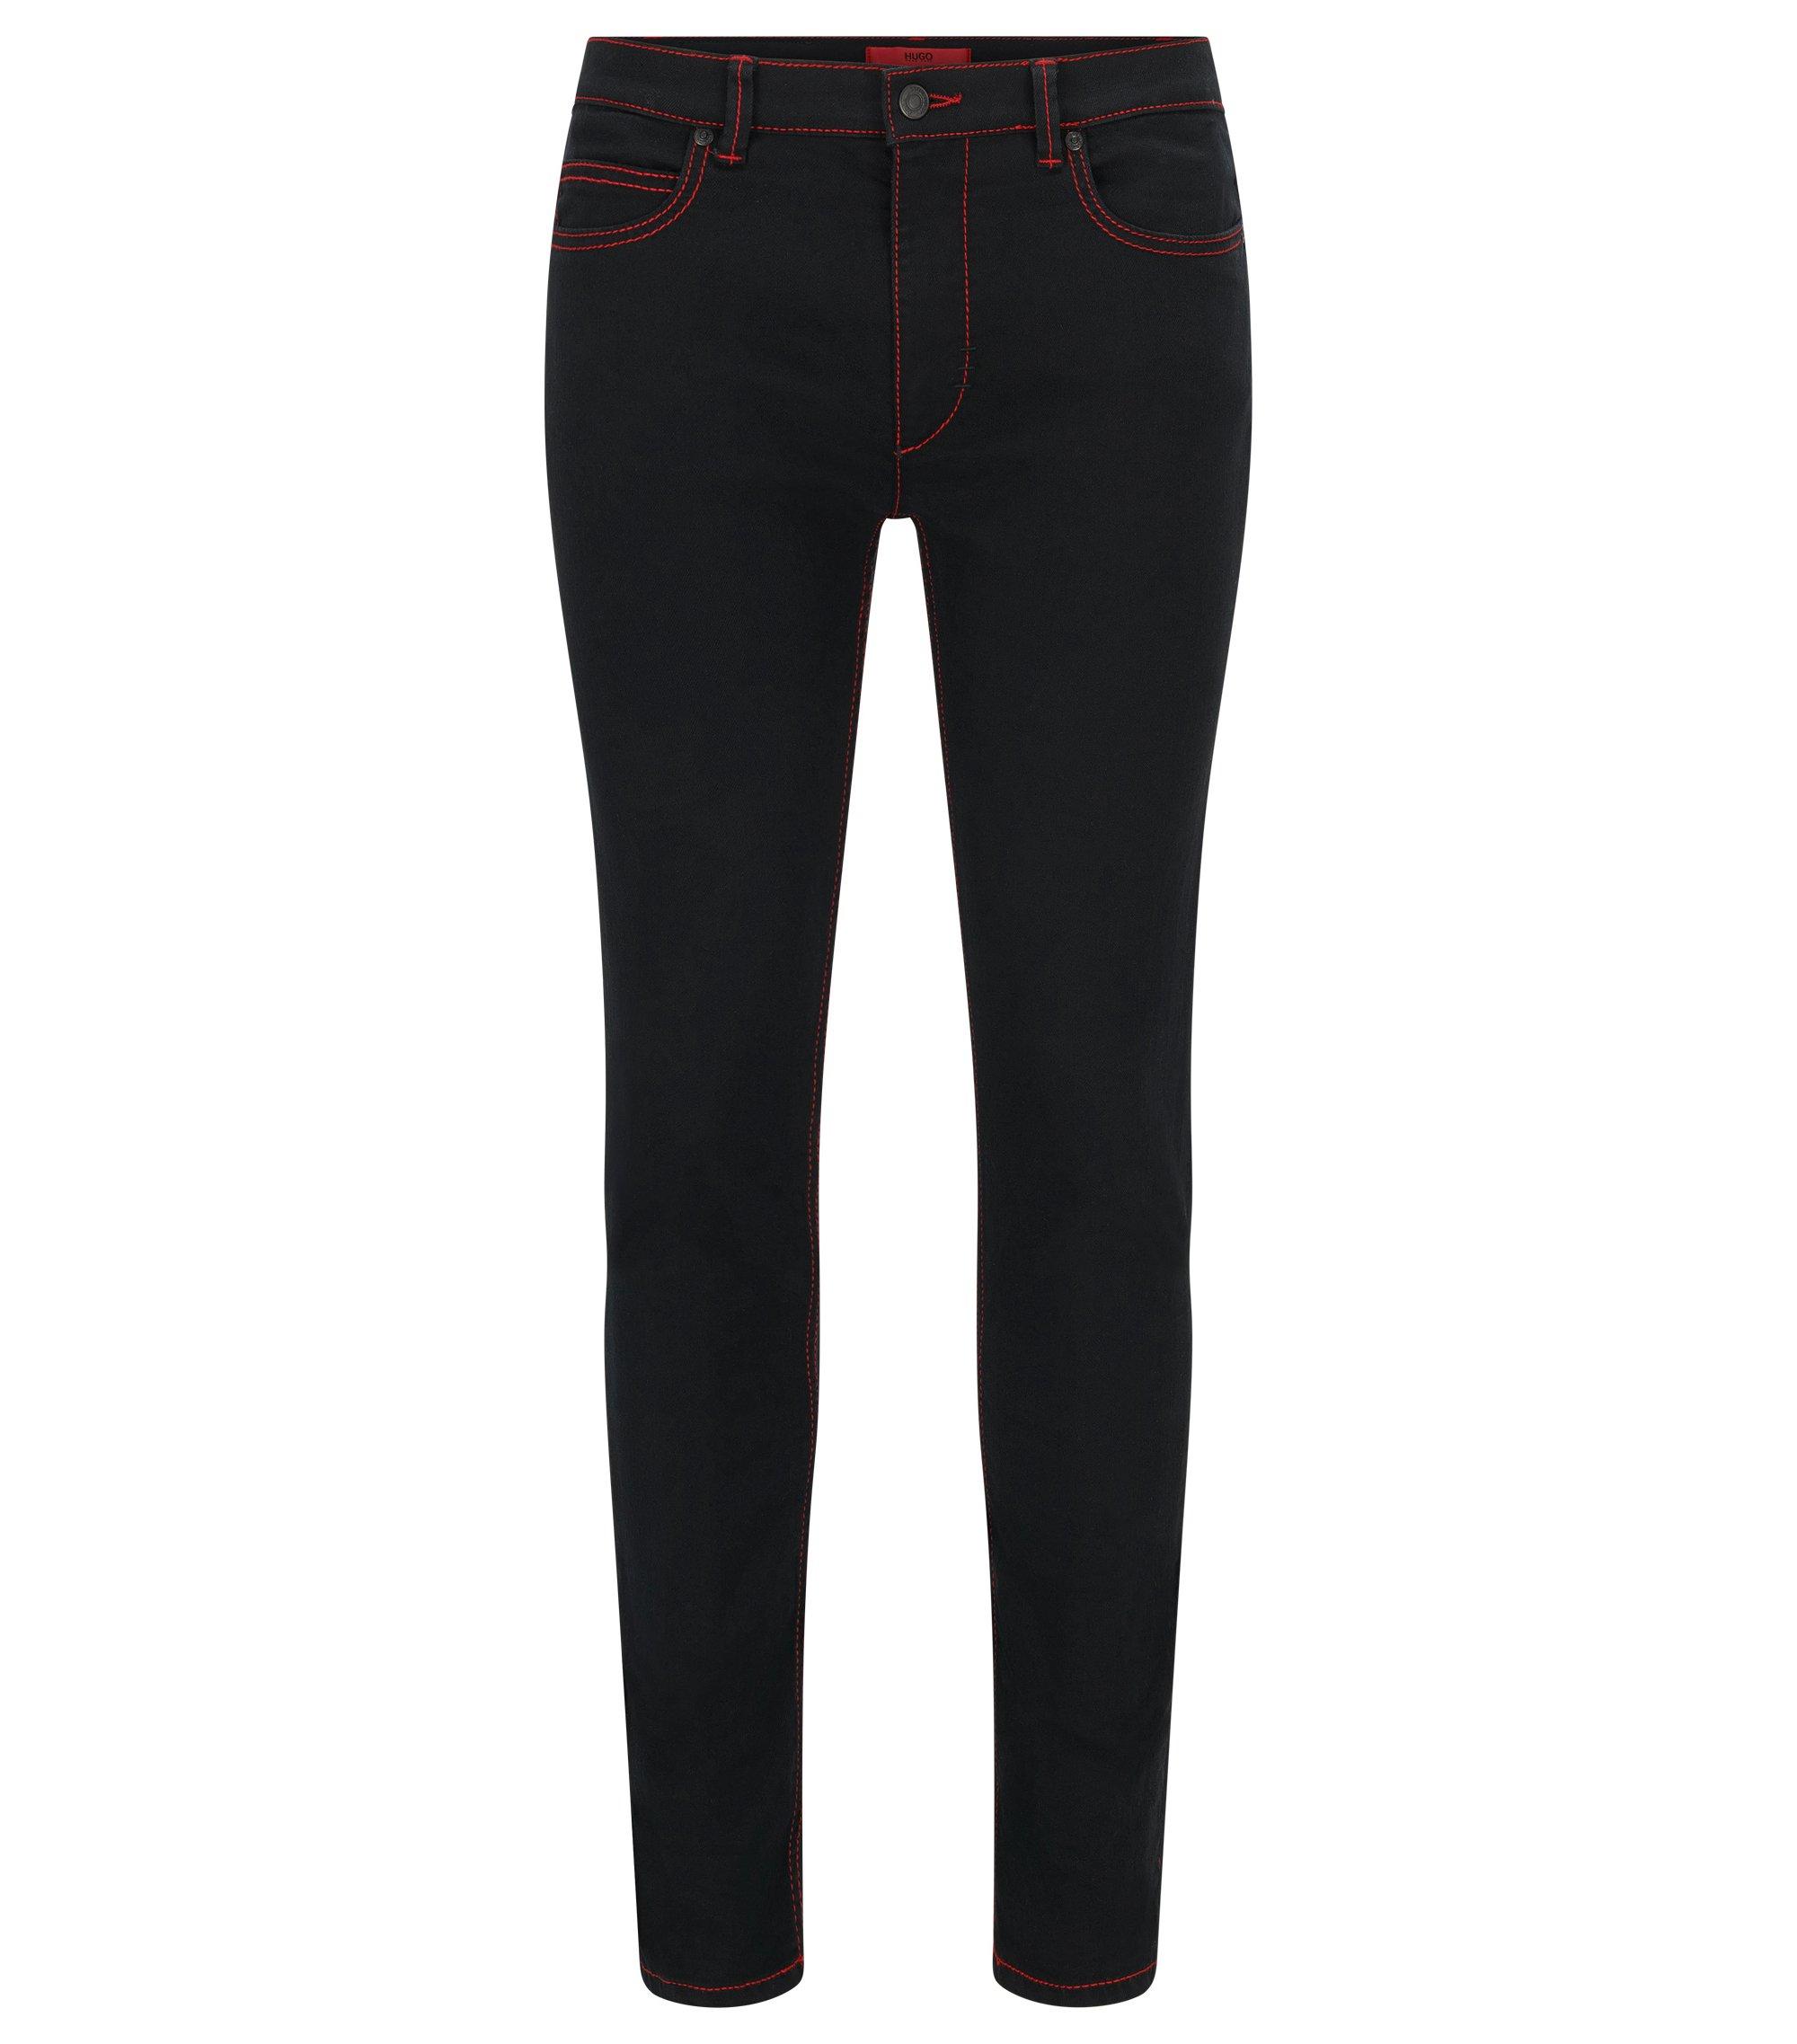 Jeans Skinny Fit à surpiqûres rouges , Noir